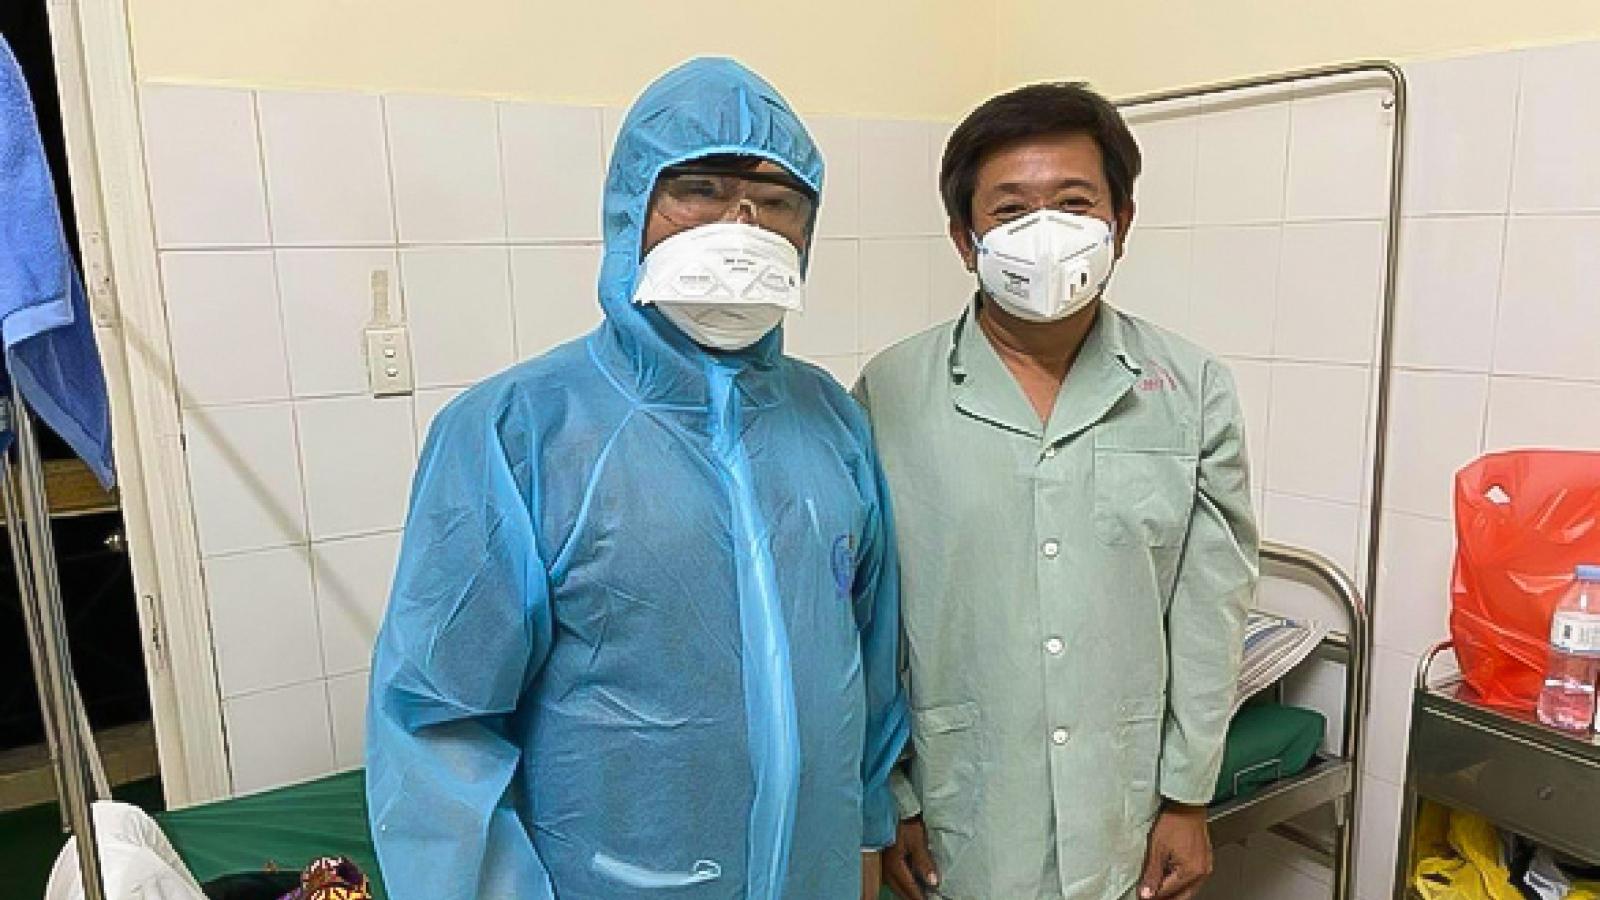 Ông Đoàn Ngọc Hải có xét nghiệm âm tính lần 1 với SARS-CoV-2